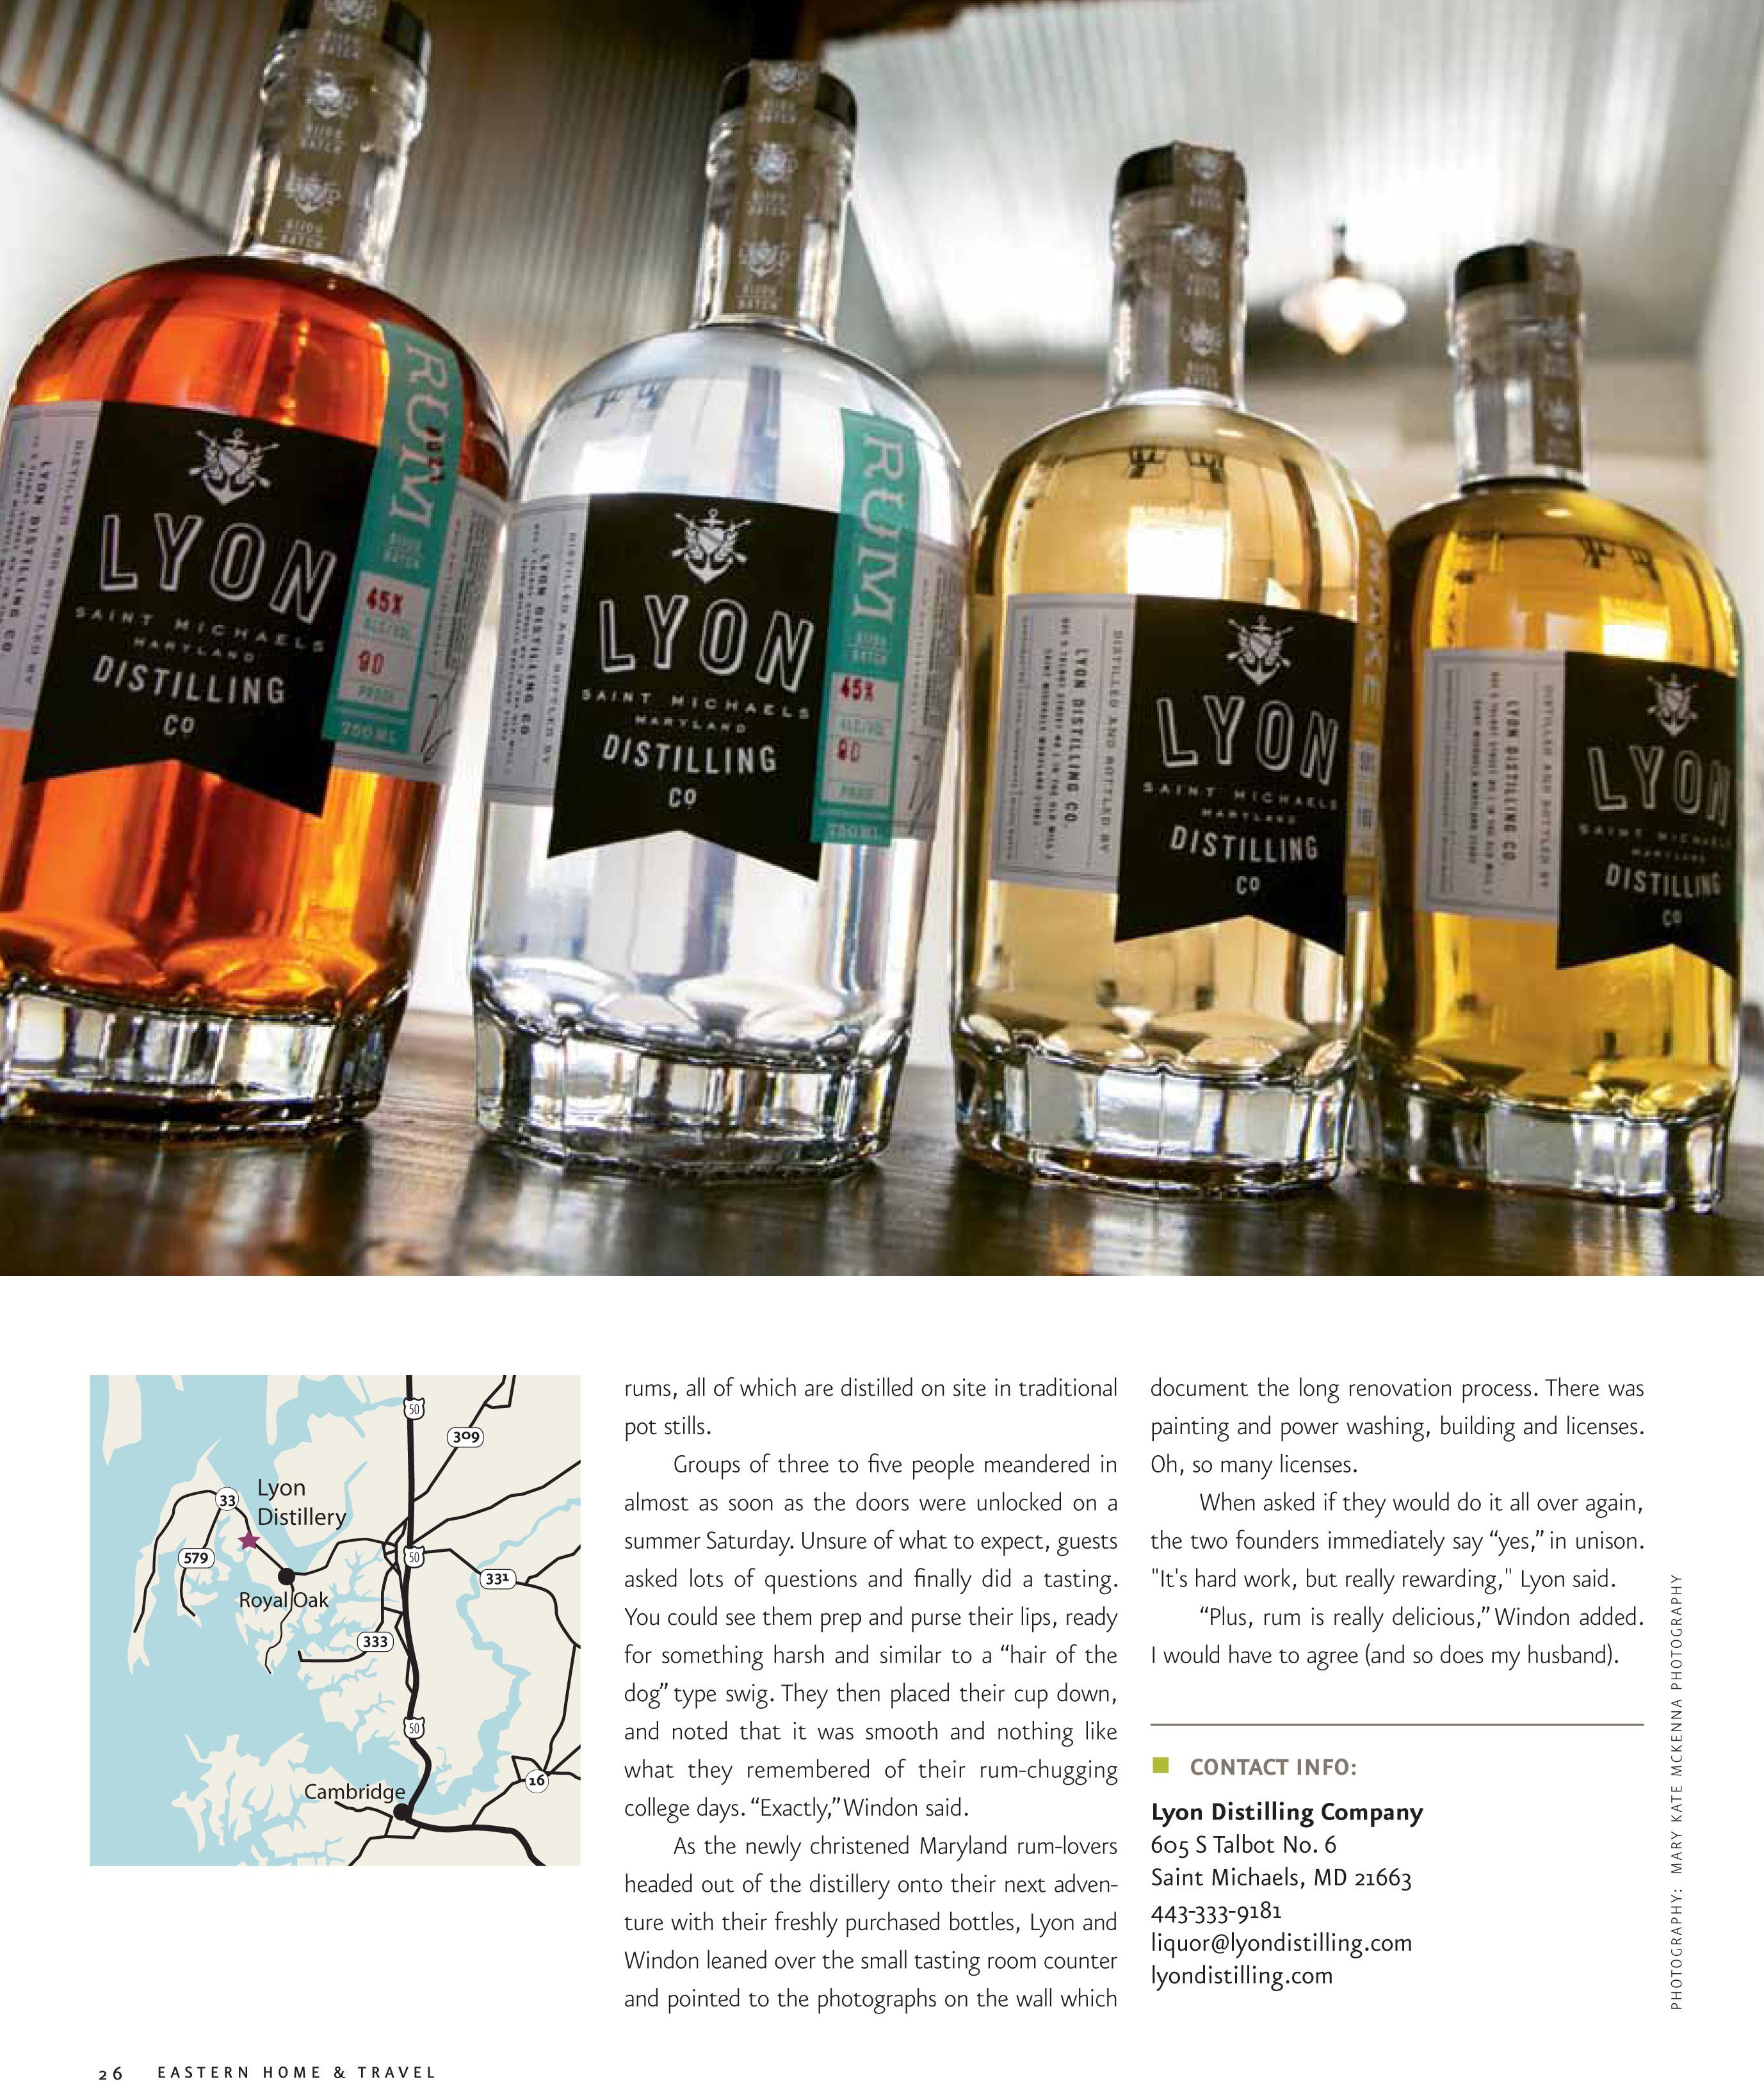 EHT_Lyon_Distilling-4